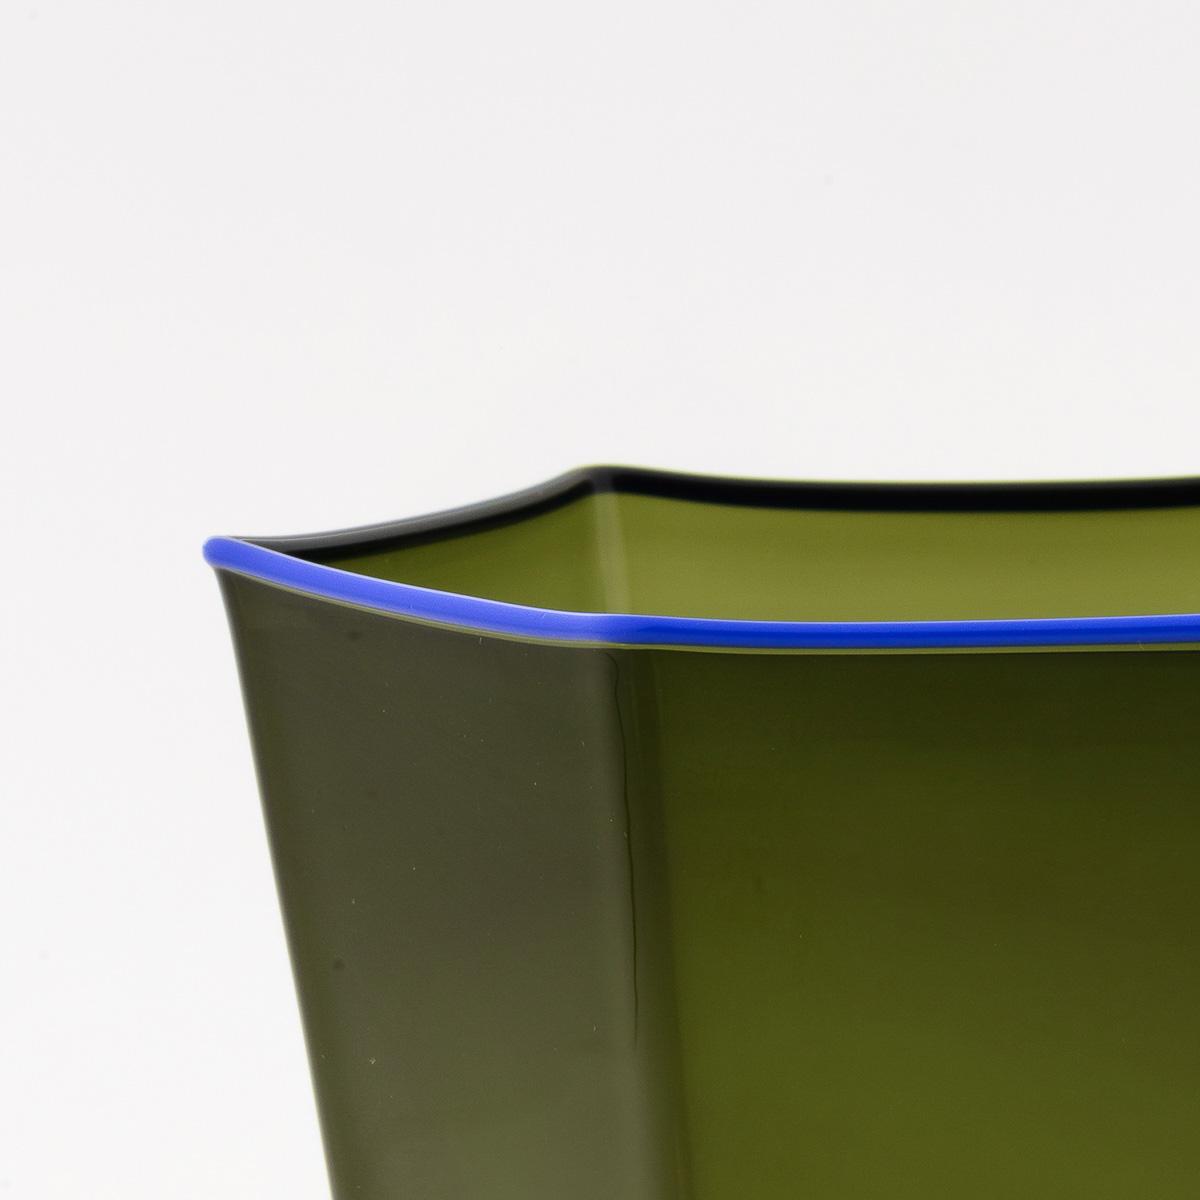 laguna-glass-green-blue-rim-giberto-handmade-murano-wine-luxury